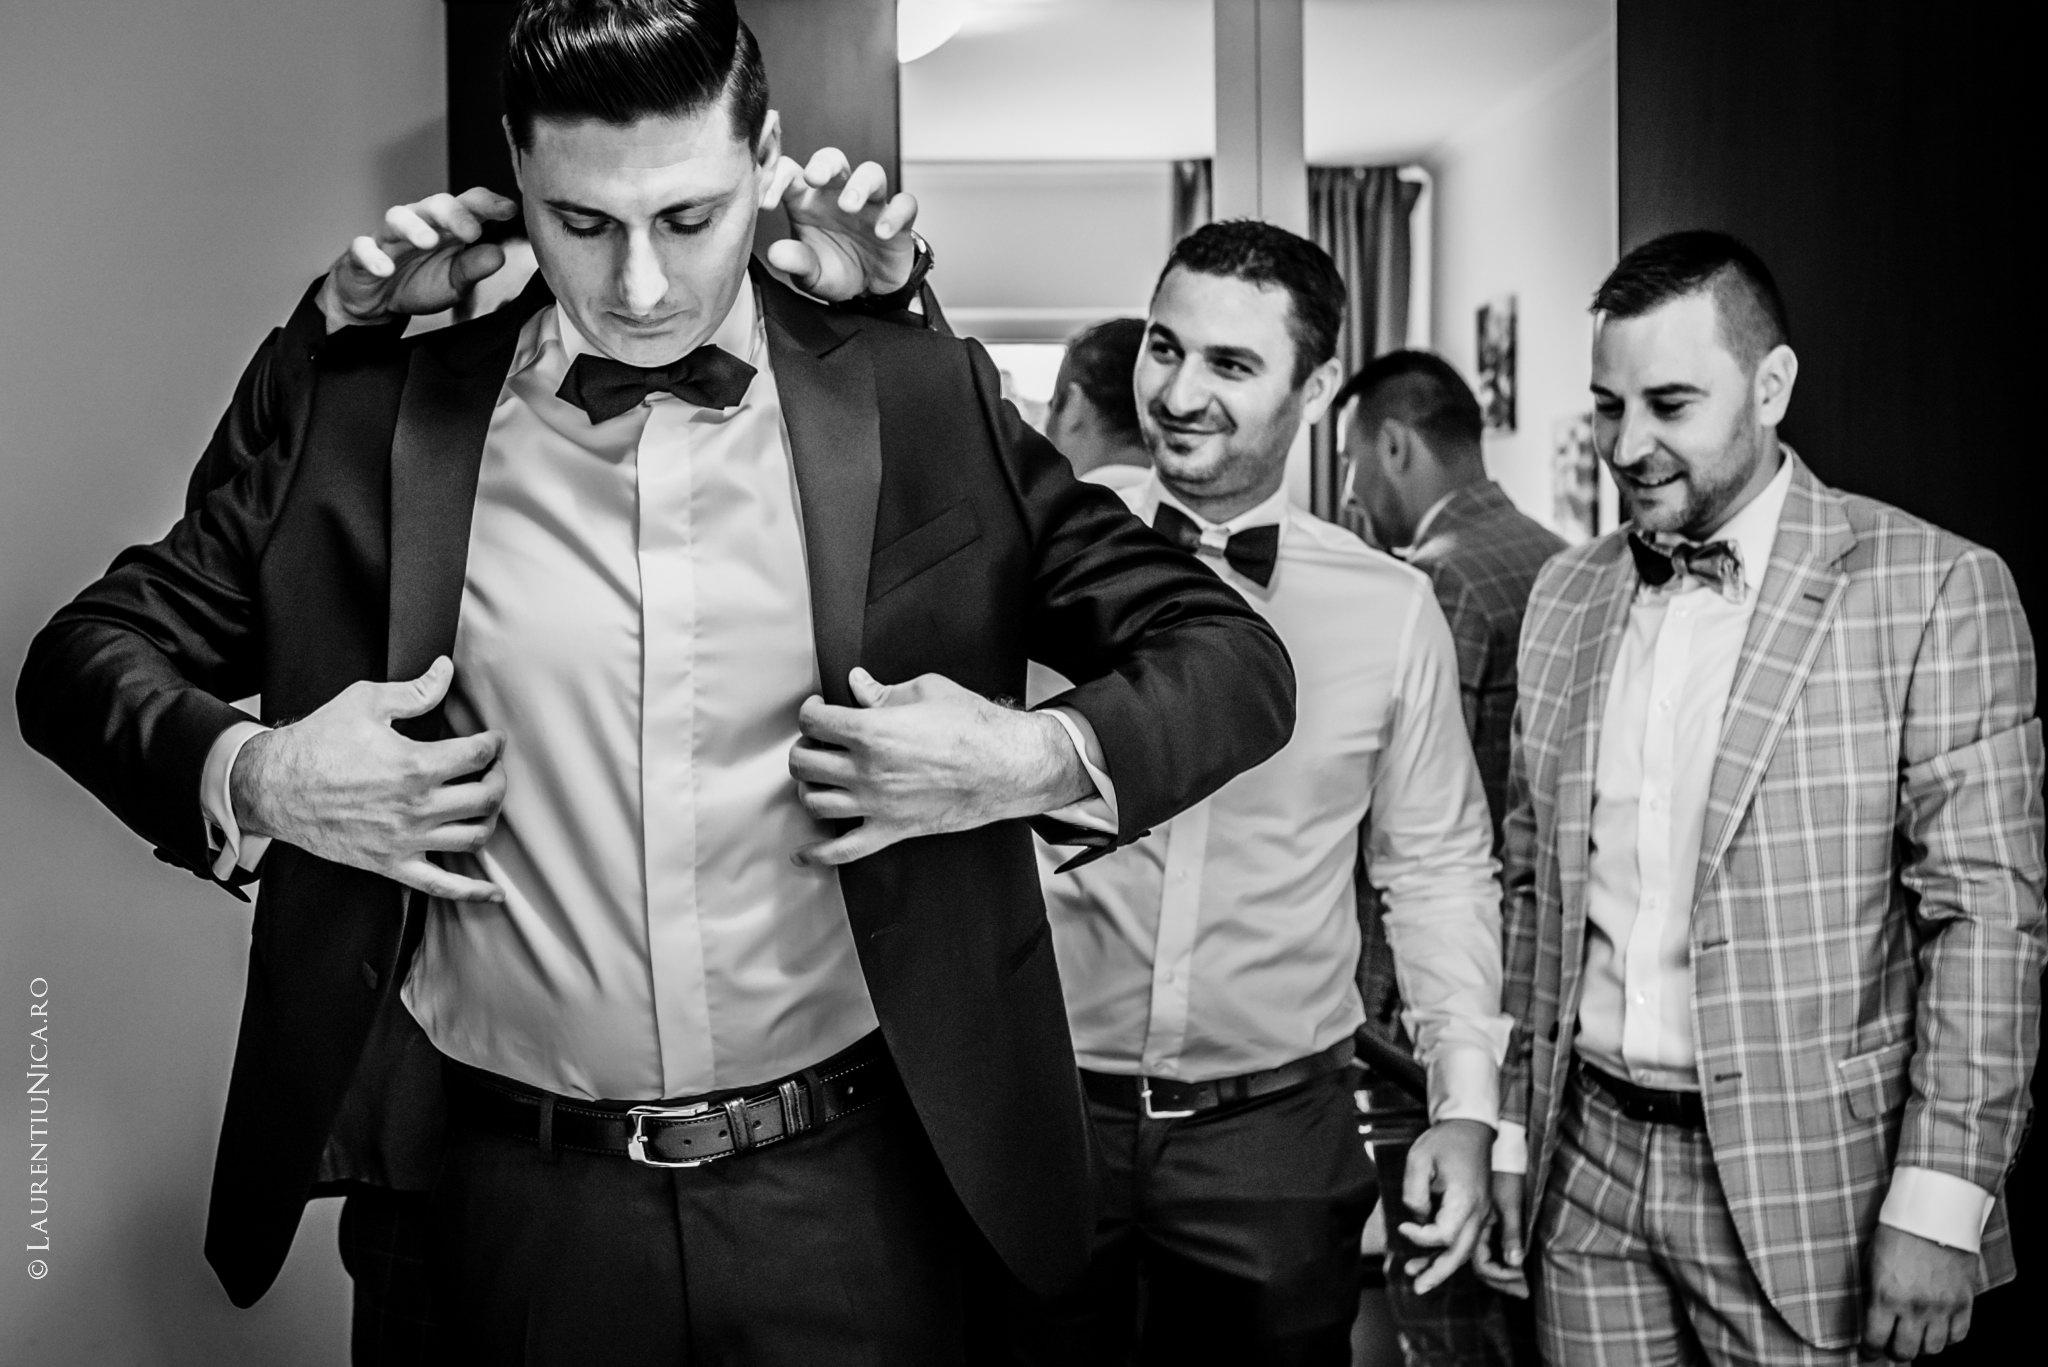 fotografii nunta denisa si florin craiova 01 - Denisa & Florin | Fotografii nunta | Craiova